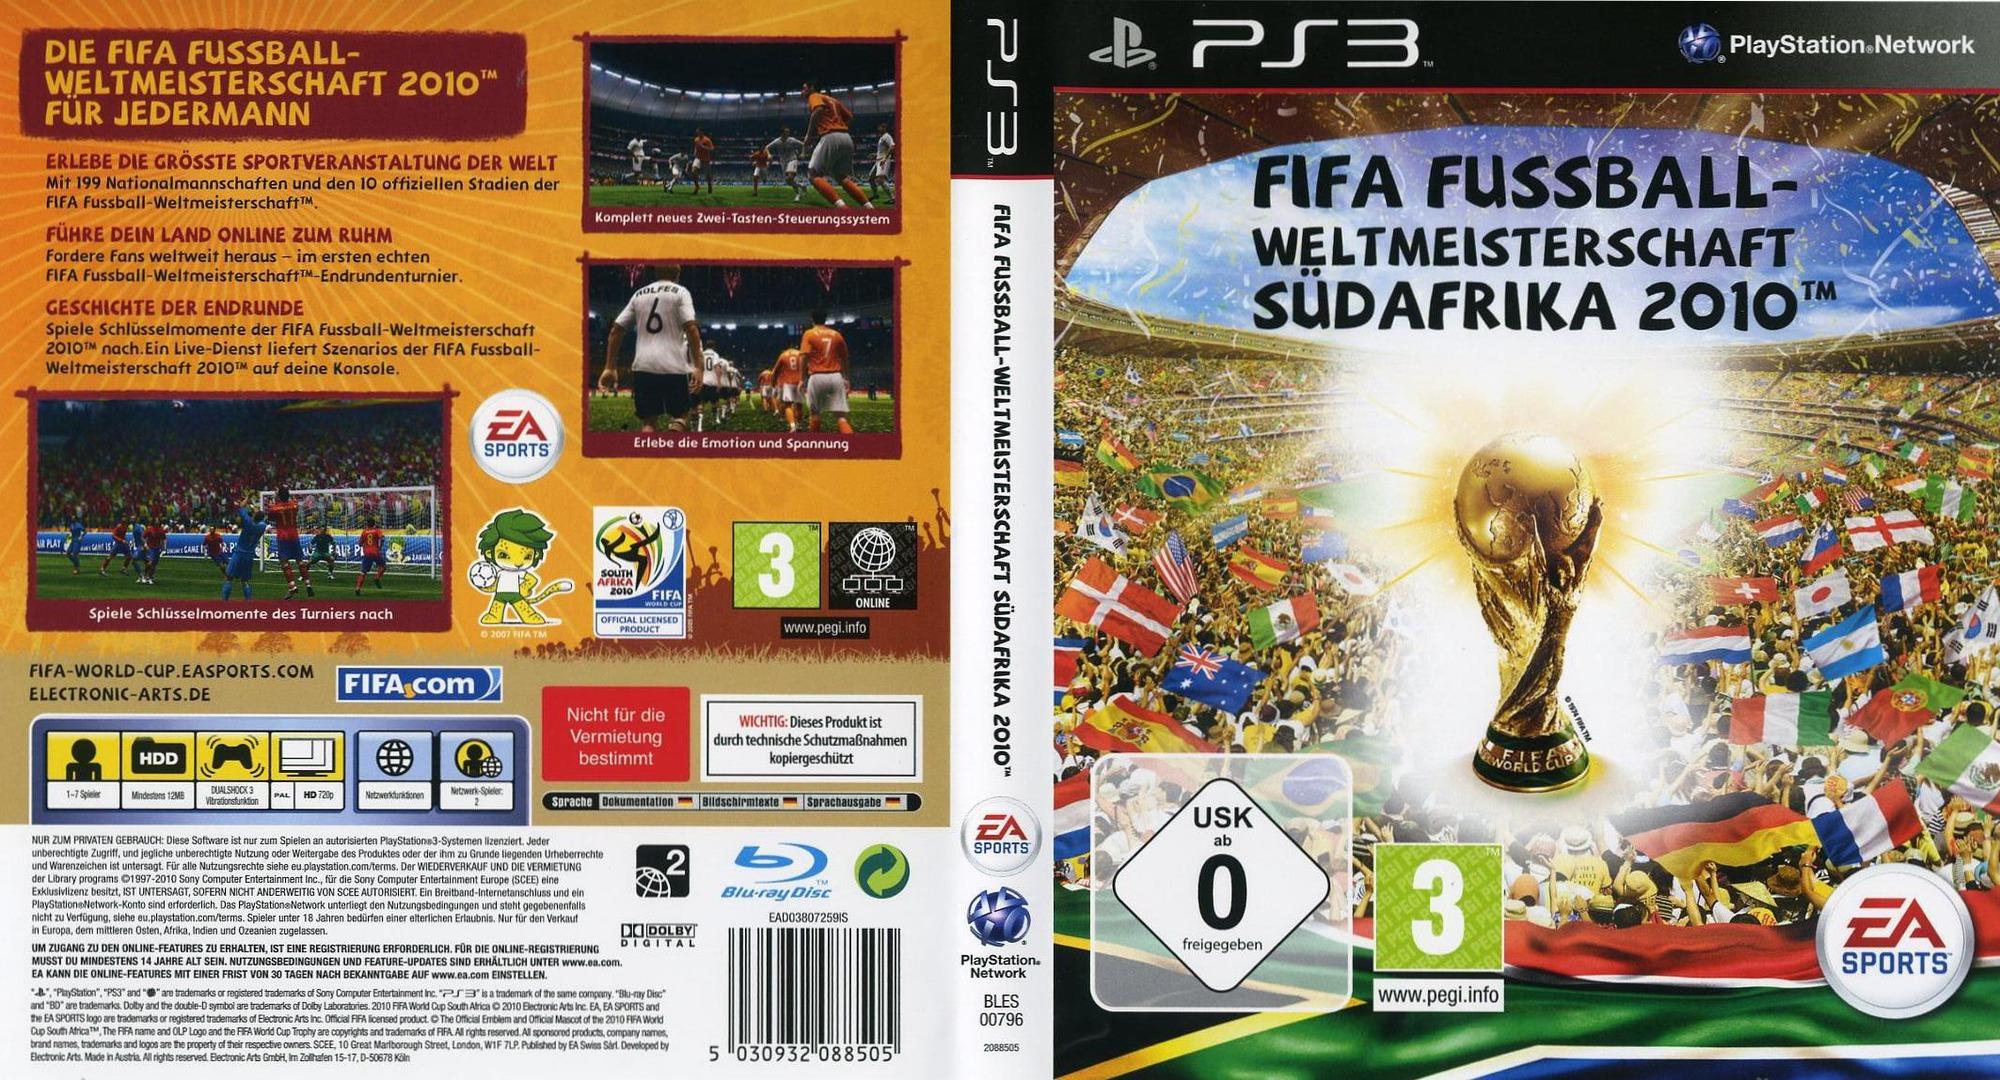 FIFA Fussball: Weltmeisterschaft Südafrika 2010 PS3 coverfullHQ (BLES00796)